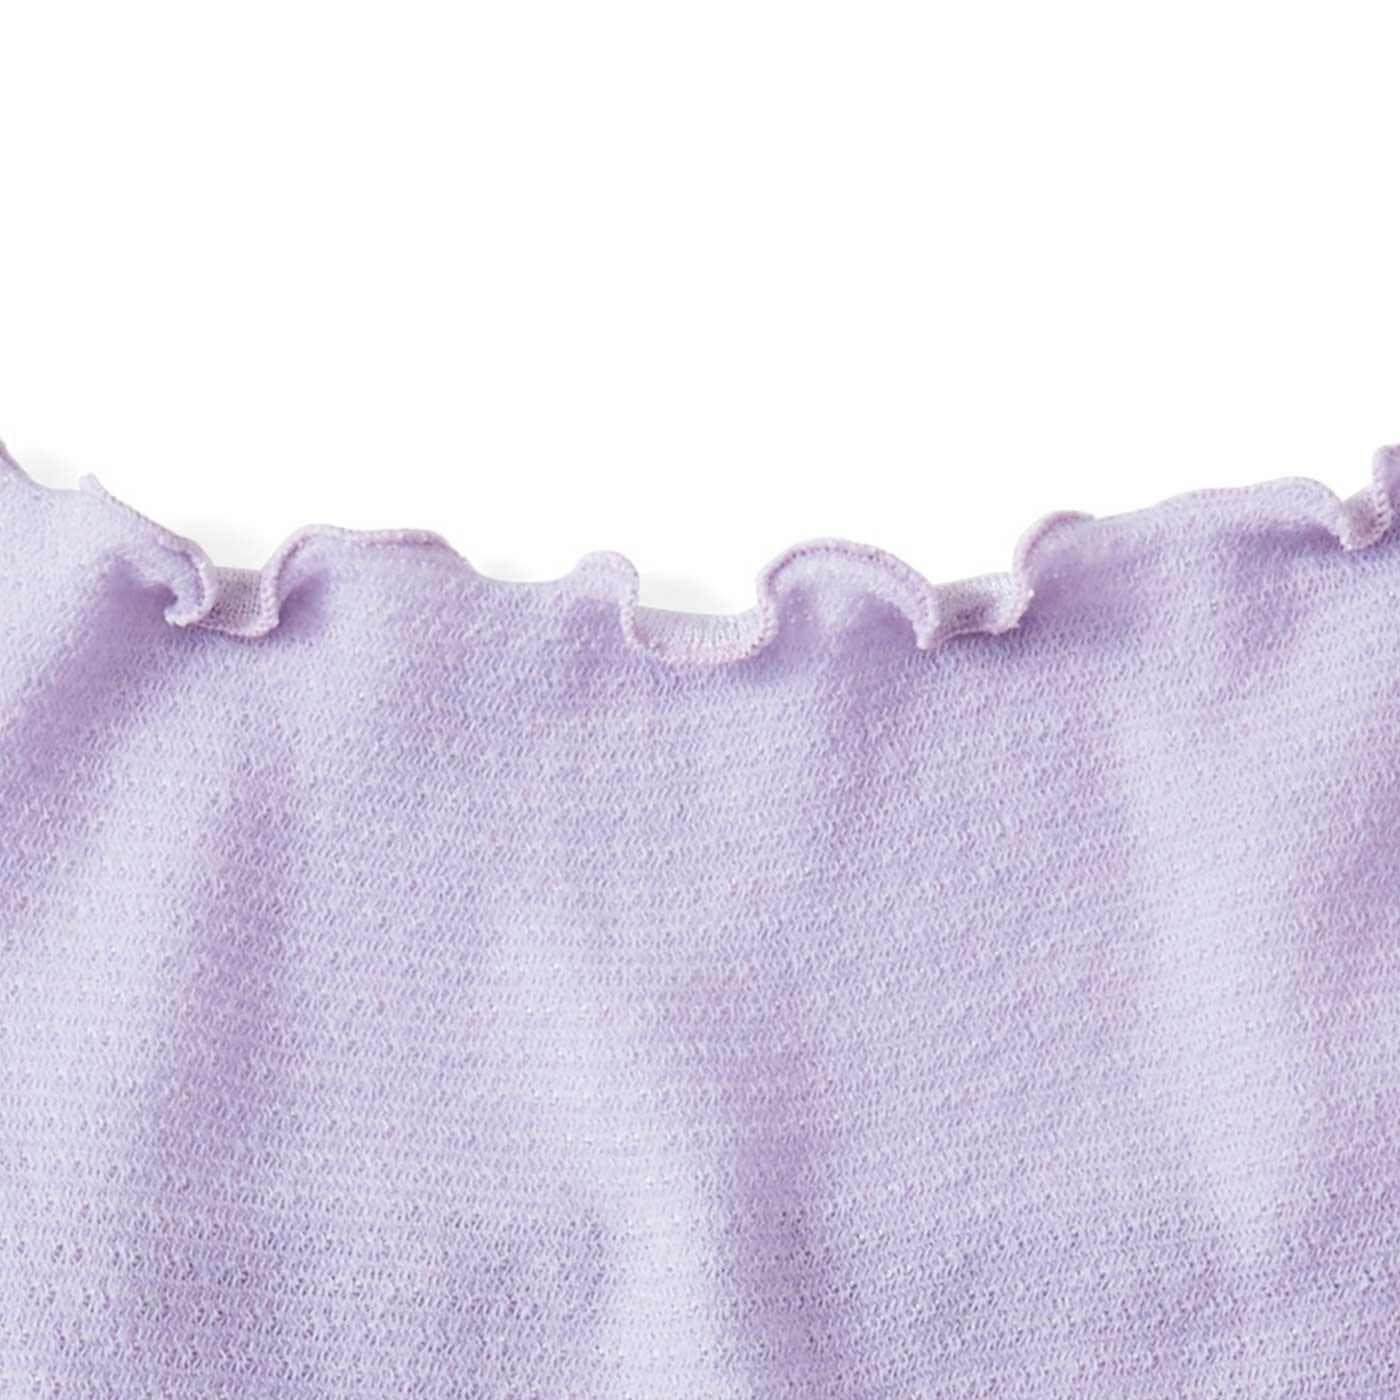 ノンゴムで縫い目が肌に当たりにくいメロウ仕上げ。